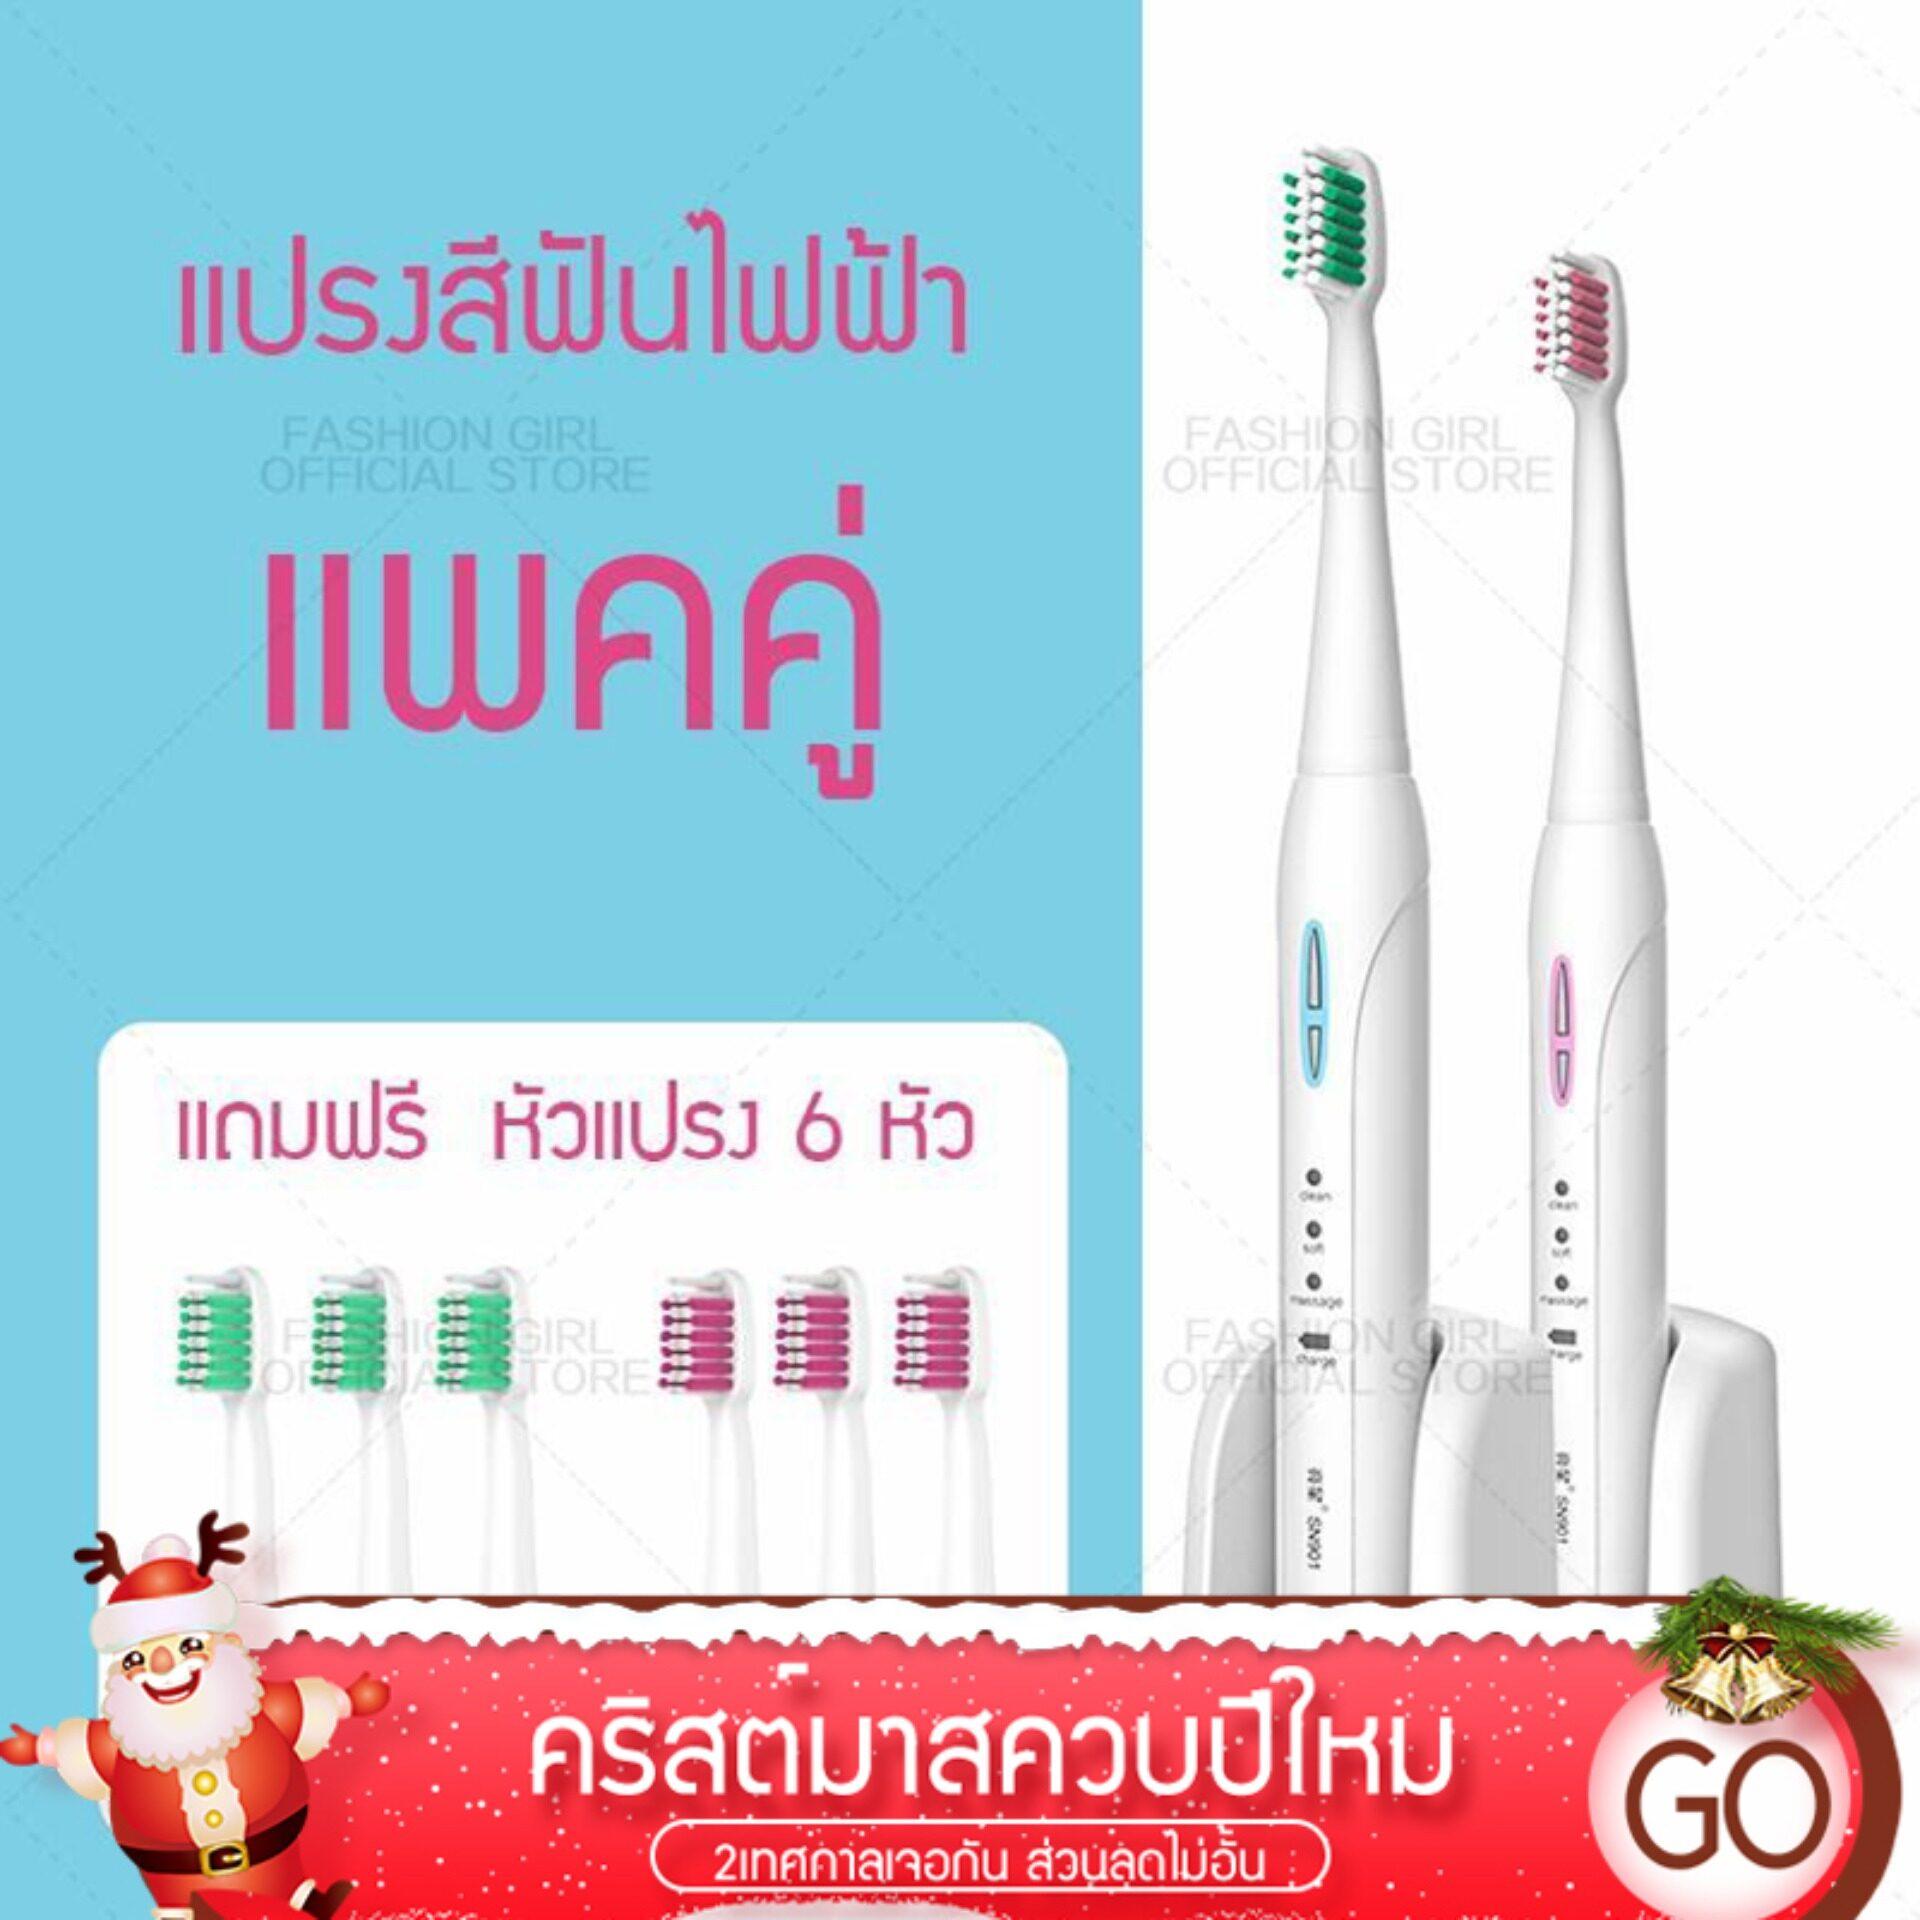 แปรงสีฟันไฟฟ้า รอยยิ้มขาวสดใสใน 1 สัปดาห์ ตาก LANSUNG  แปรงสีฟัน แปรงสีฟันไฟฟ้า Sonic SN901 แบบชาร์จ  แปรงไฟฟ้าแพ็คคู่รักฟรี 8 หัวแปรง สำหรับผู้ใหญ่ สีฟ้า สีชมพู Tops Market